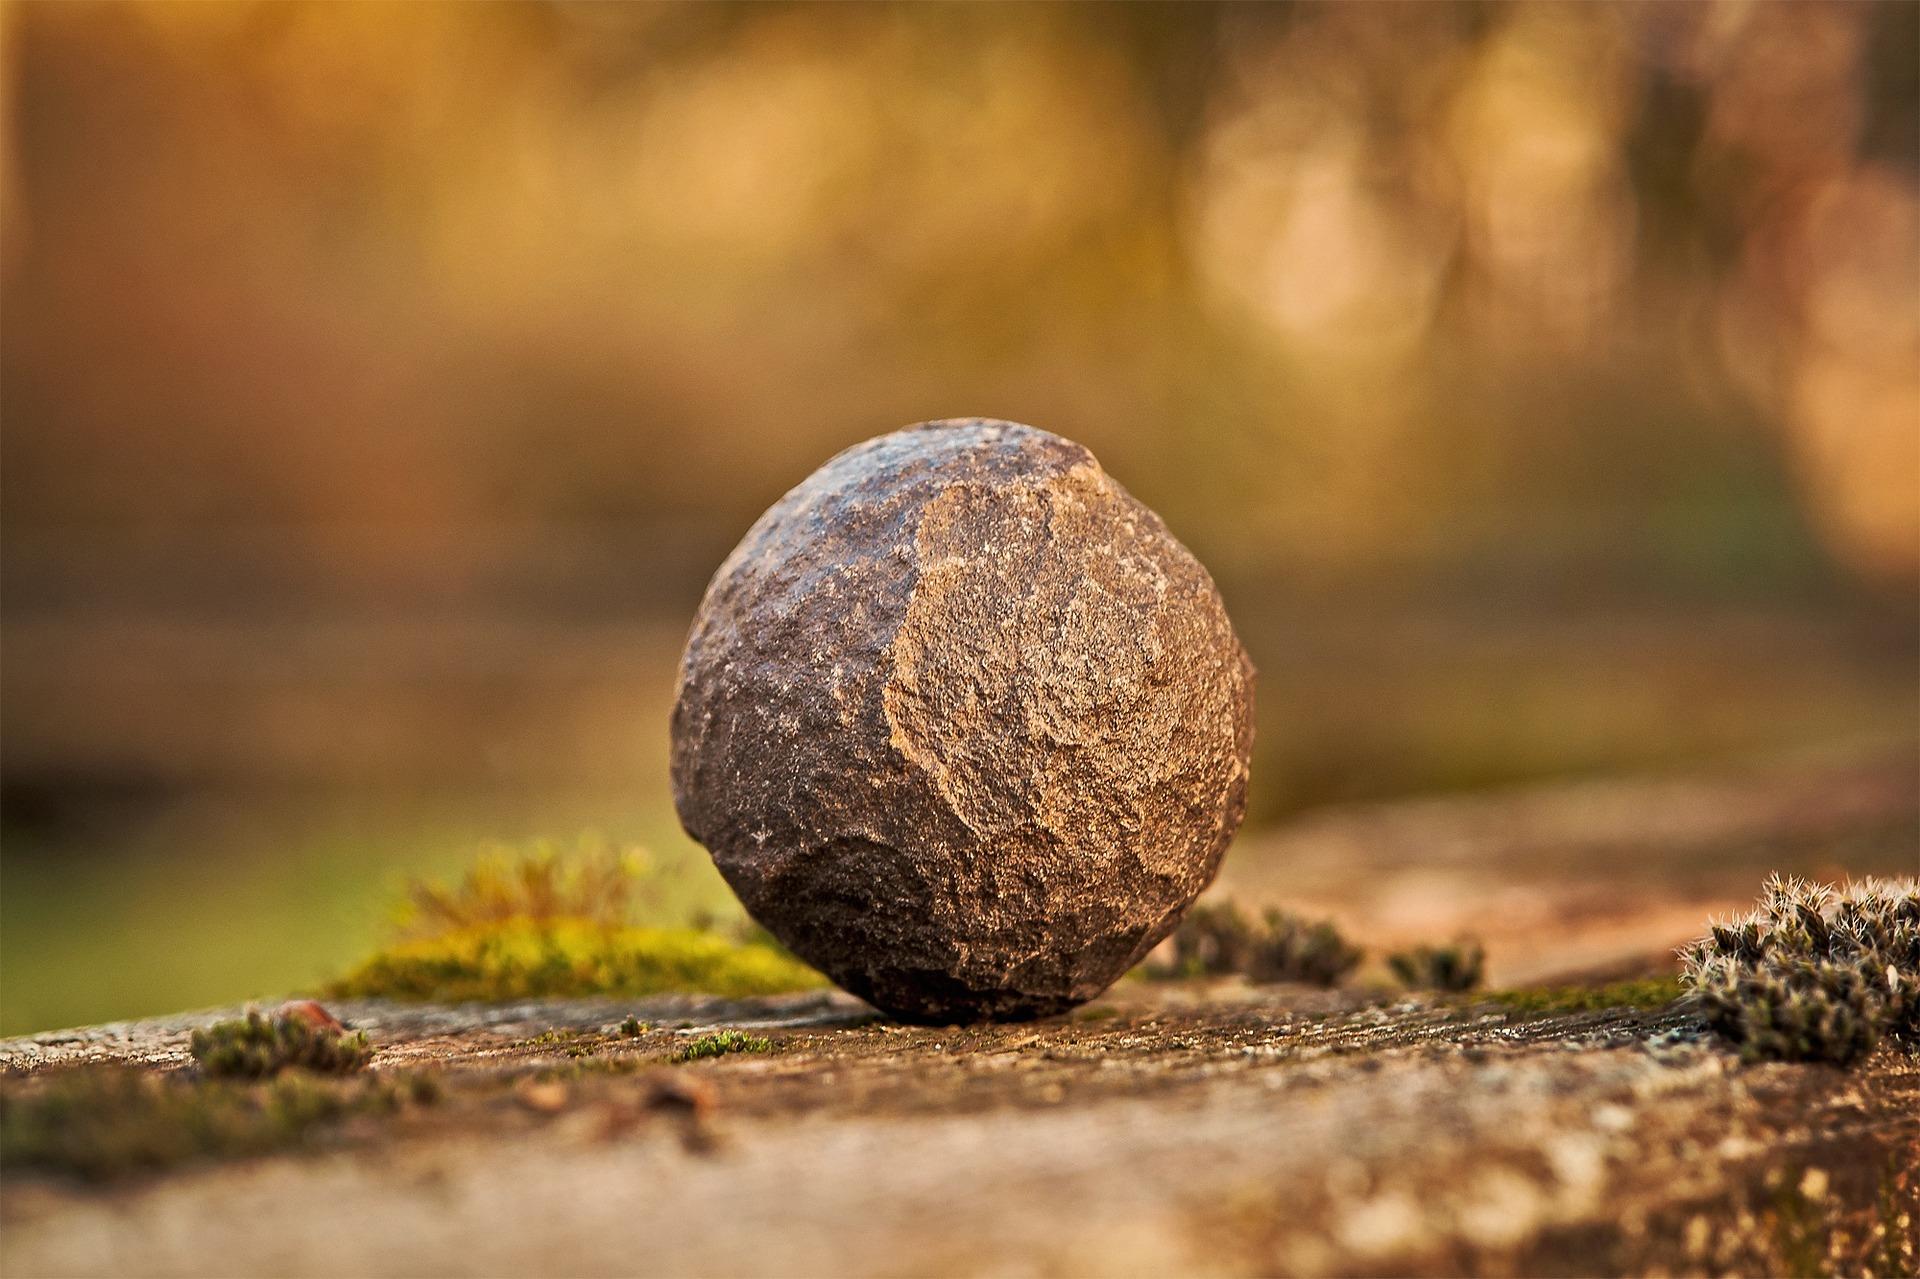 sophrologie - pierre sur le sol